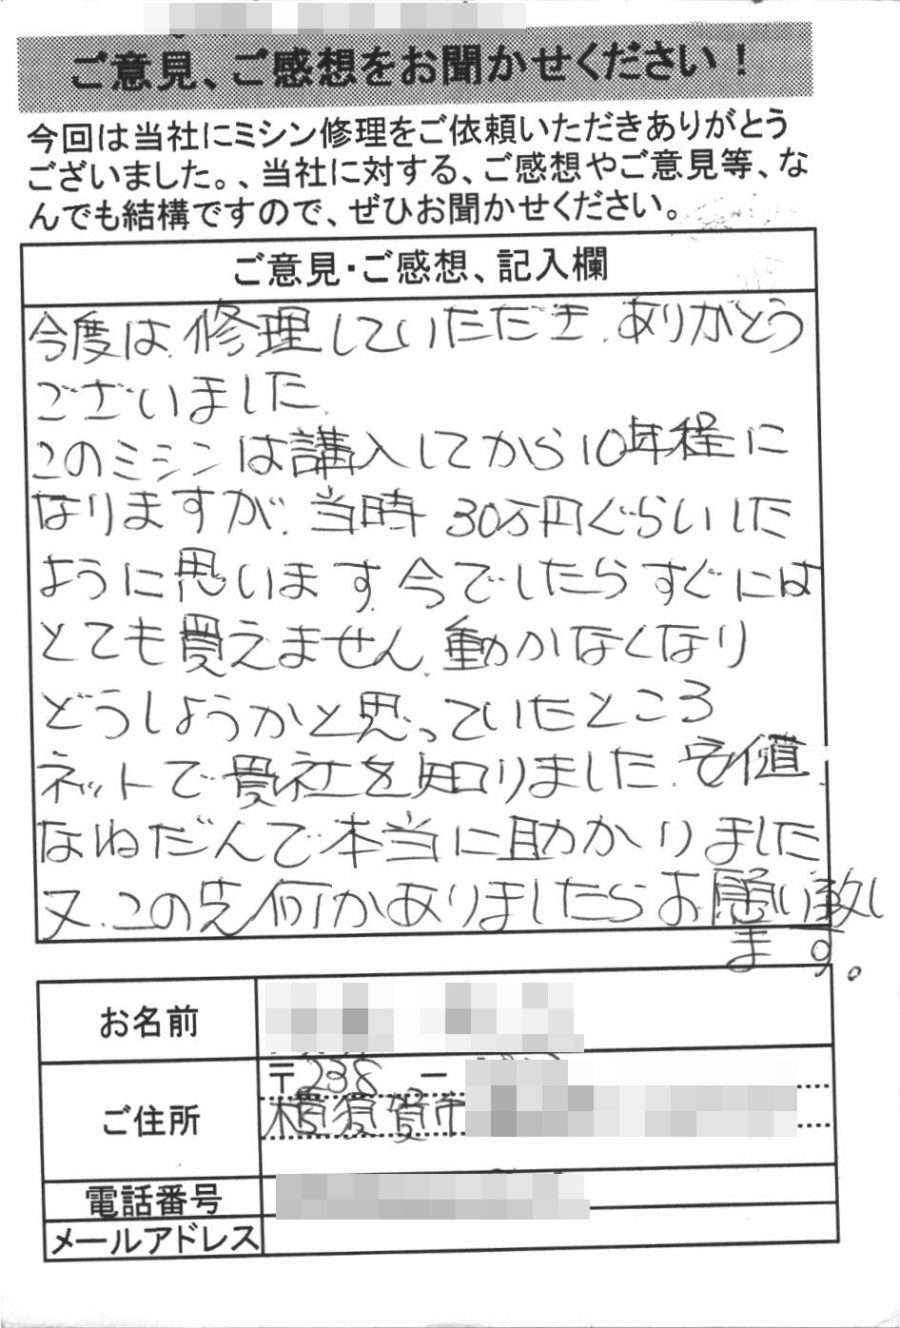 横須賀市からミシン修理のお客様の声